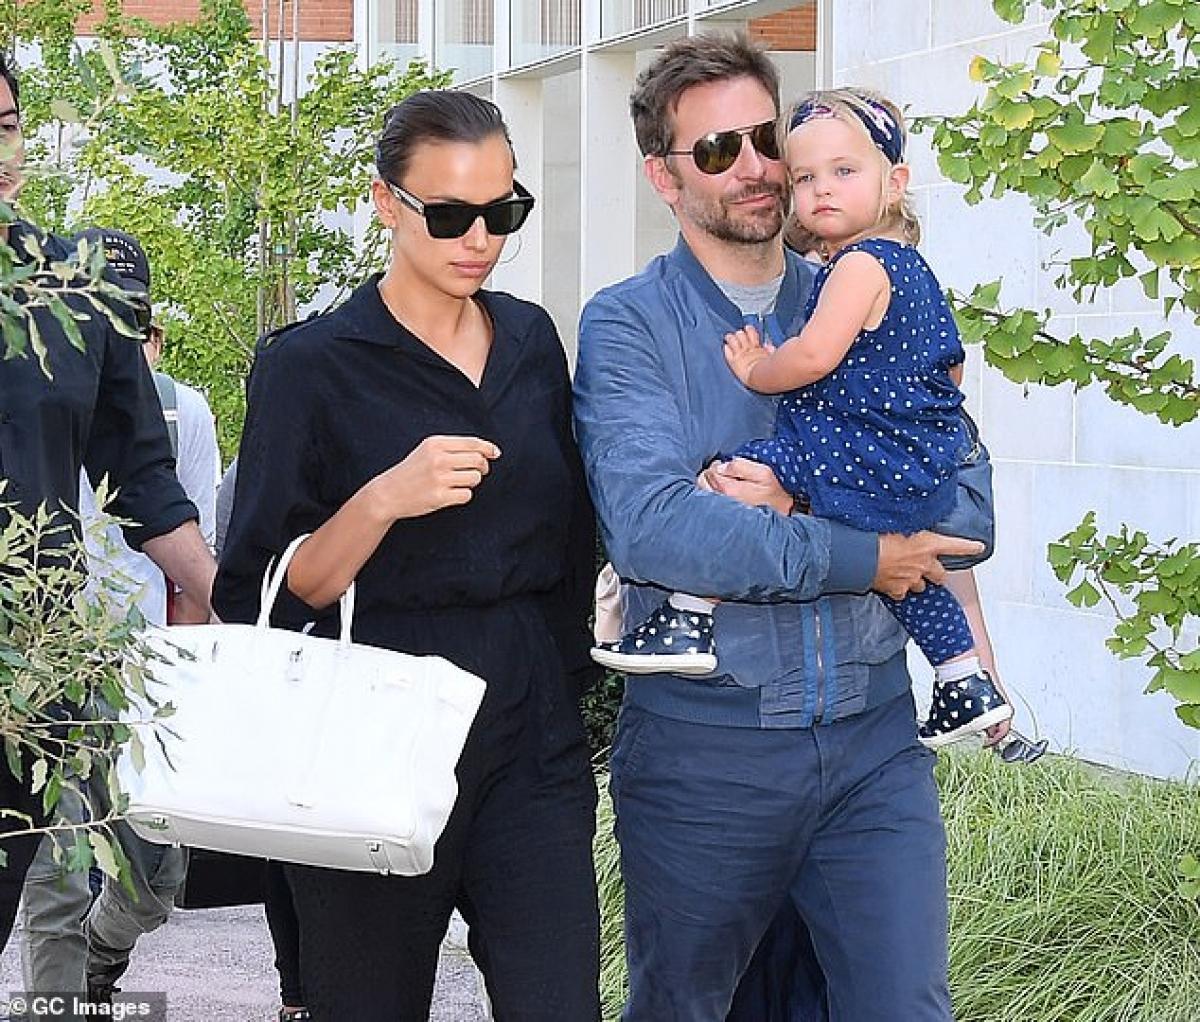 """Sau đó, cô công khai hẹn hò với tài tử Bradley Cooper. Tuy nhiên, cả hai cũng """"đường ai nấy đi"""" sau 4 năm yêu đương và có chung với nhau con gái nhỏ./."""